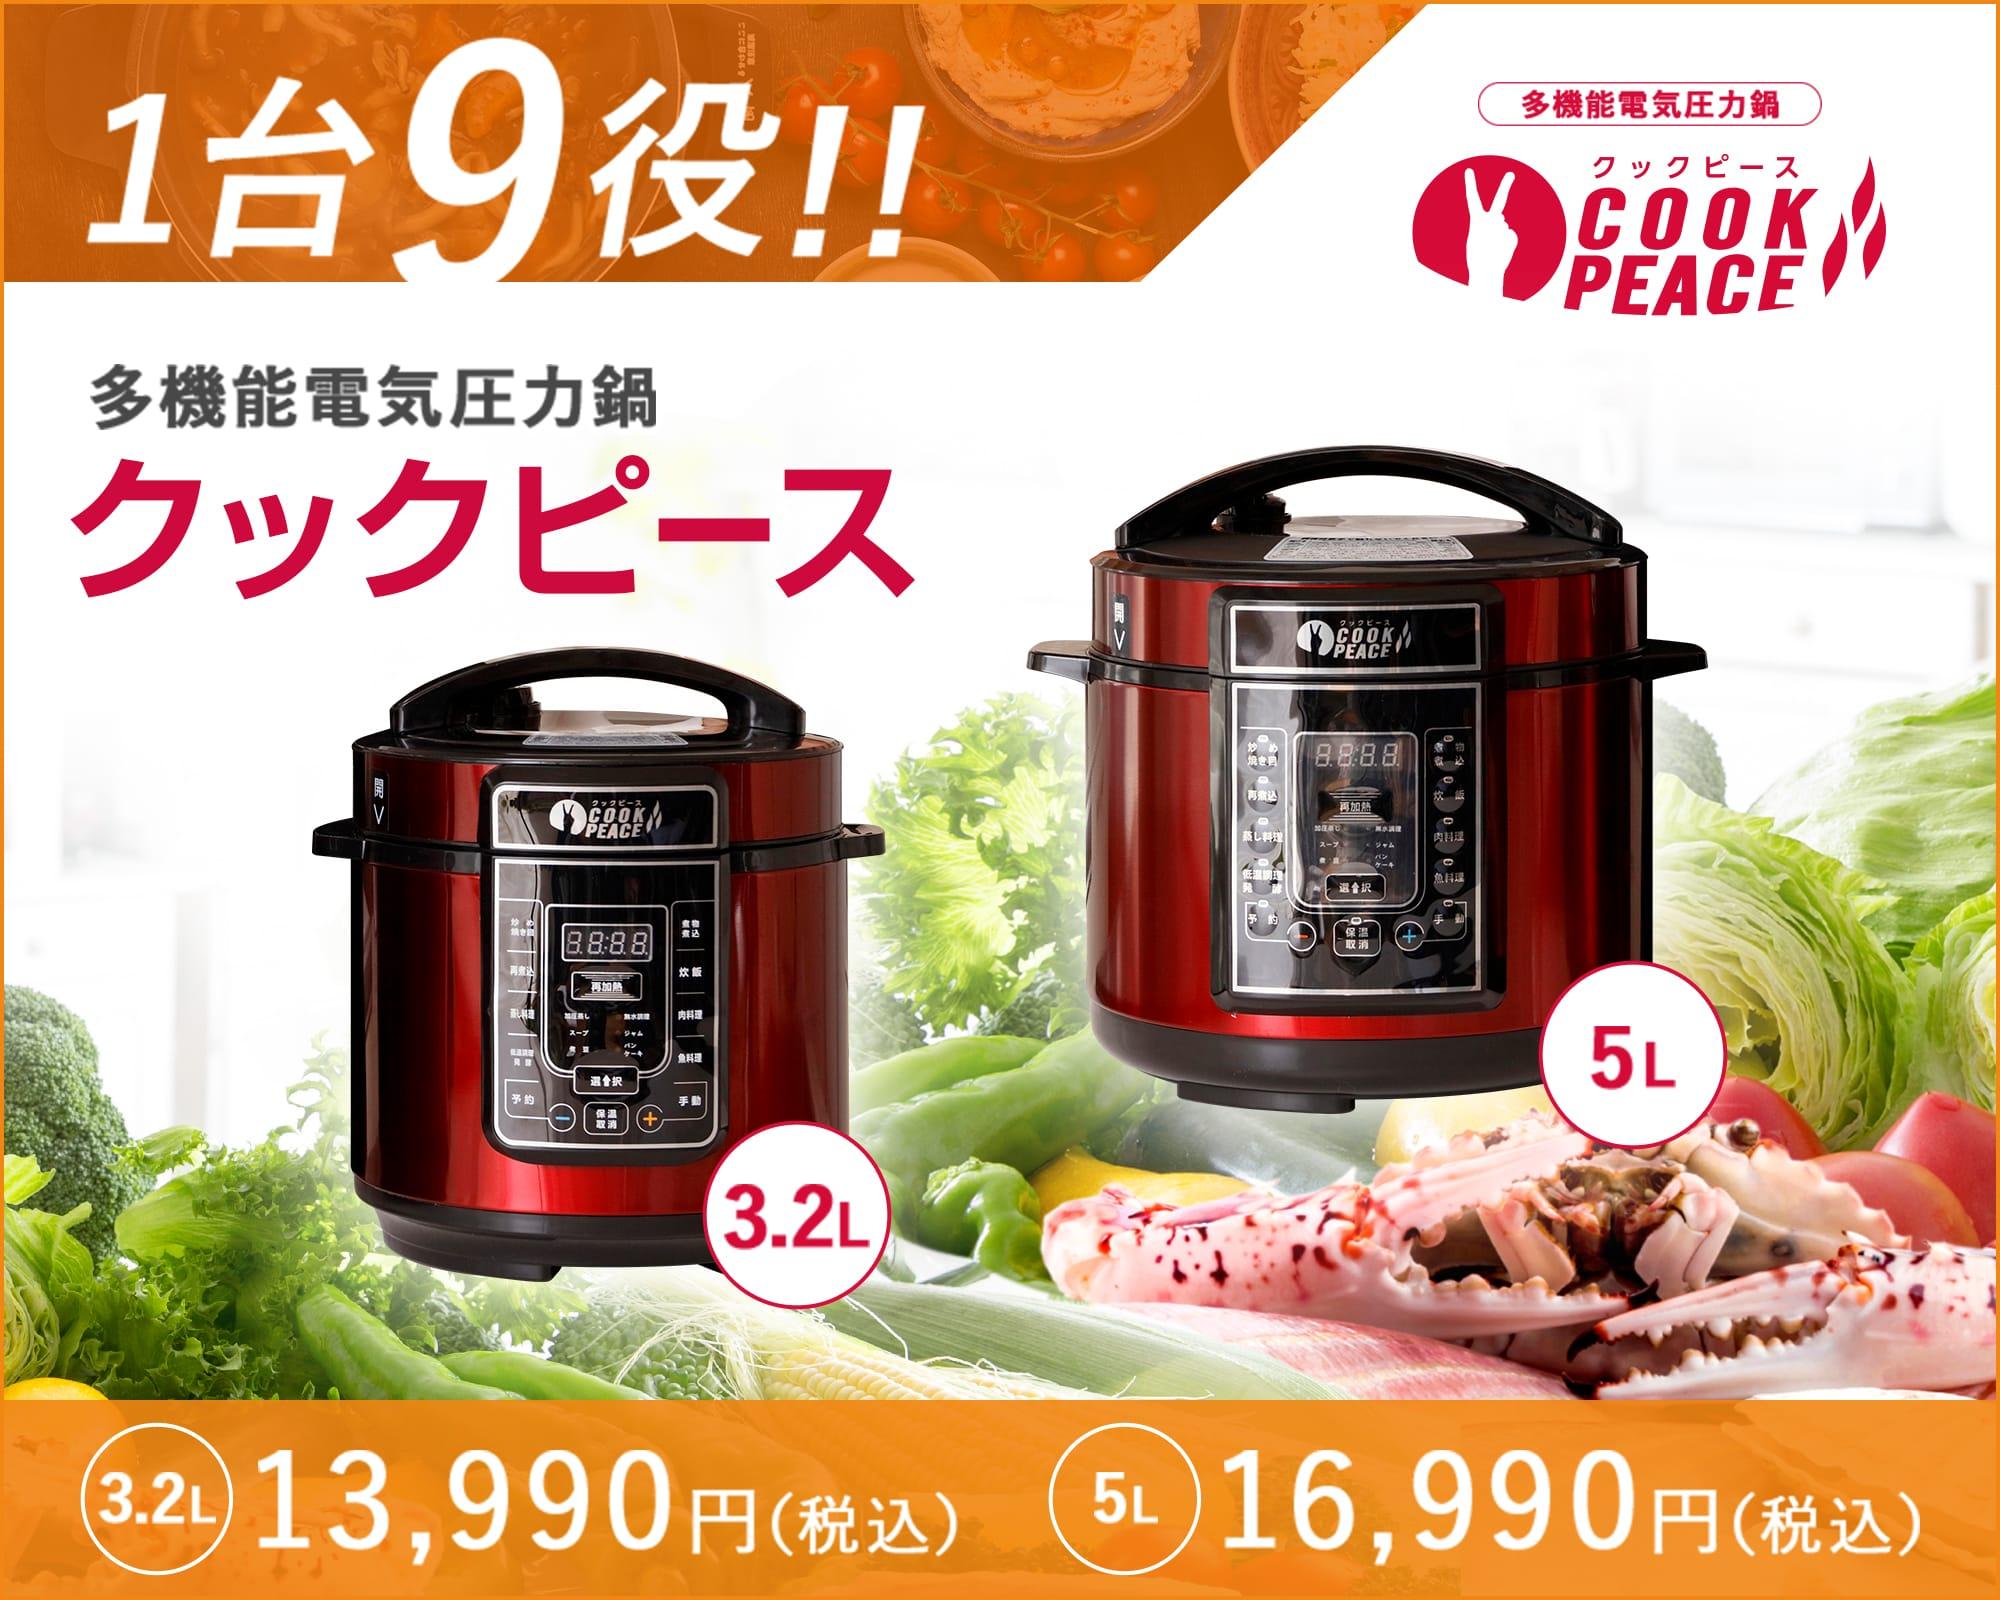 多機能電気圧力鍋クックピース